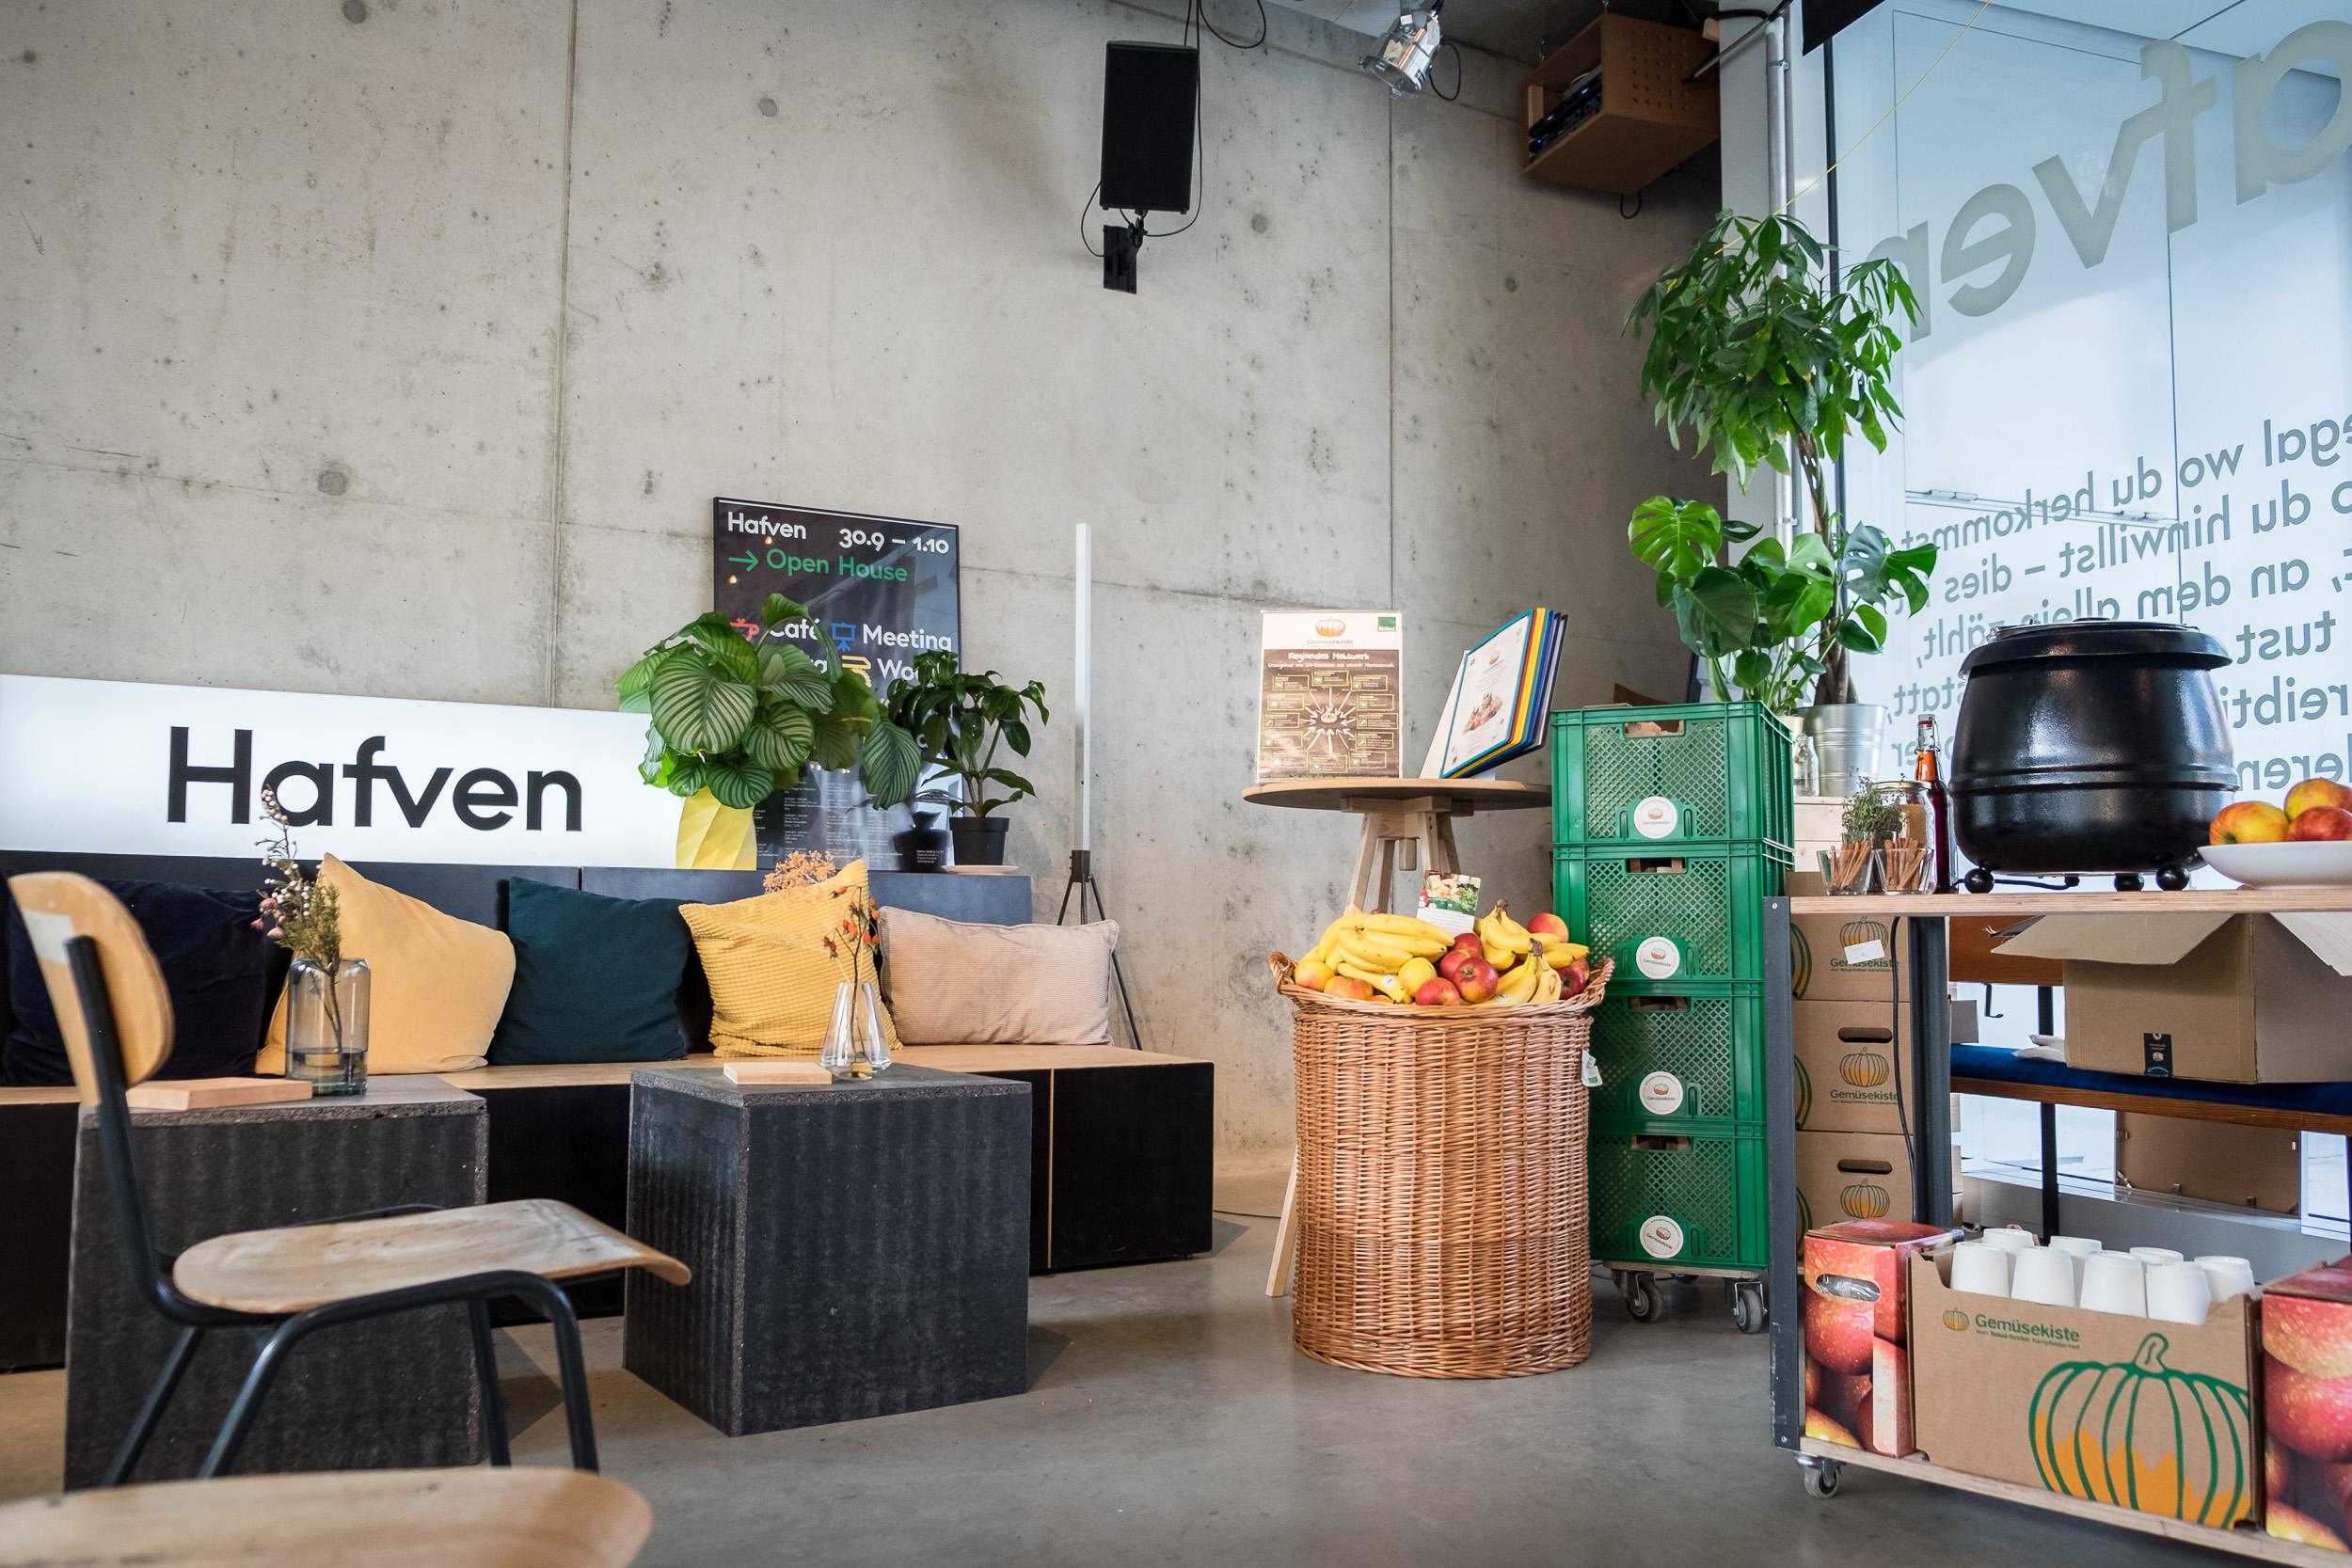 Hafven_OpenHouse_2017-15.jpg